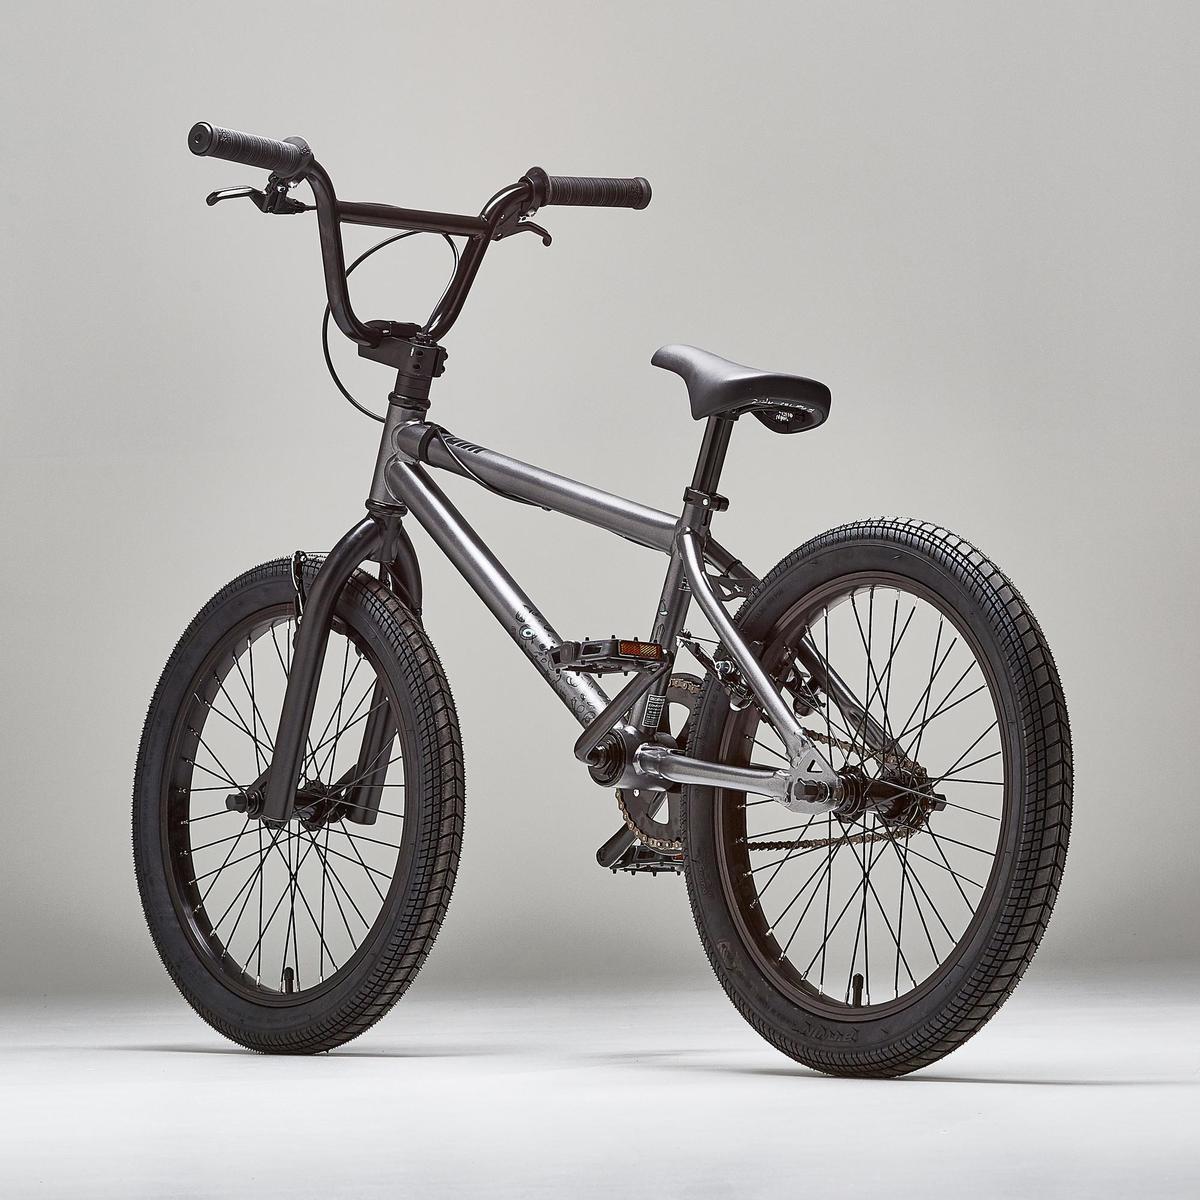 Bild 3 von BMX-Rad 100 Wipe